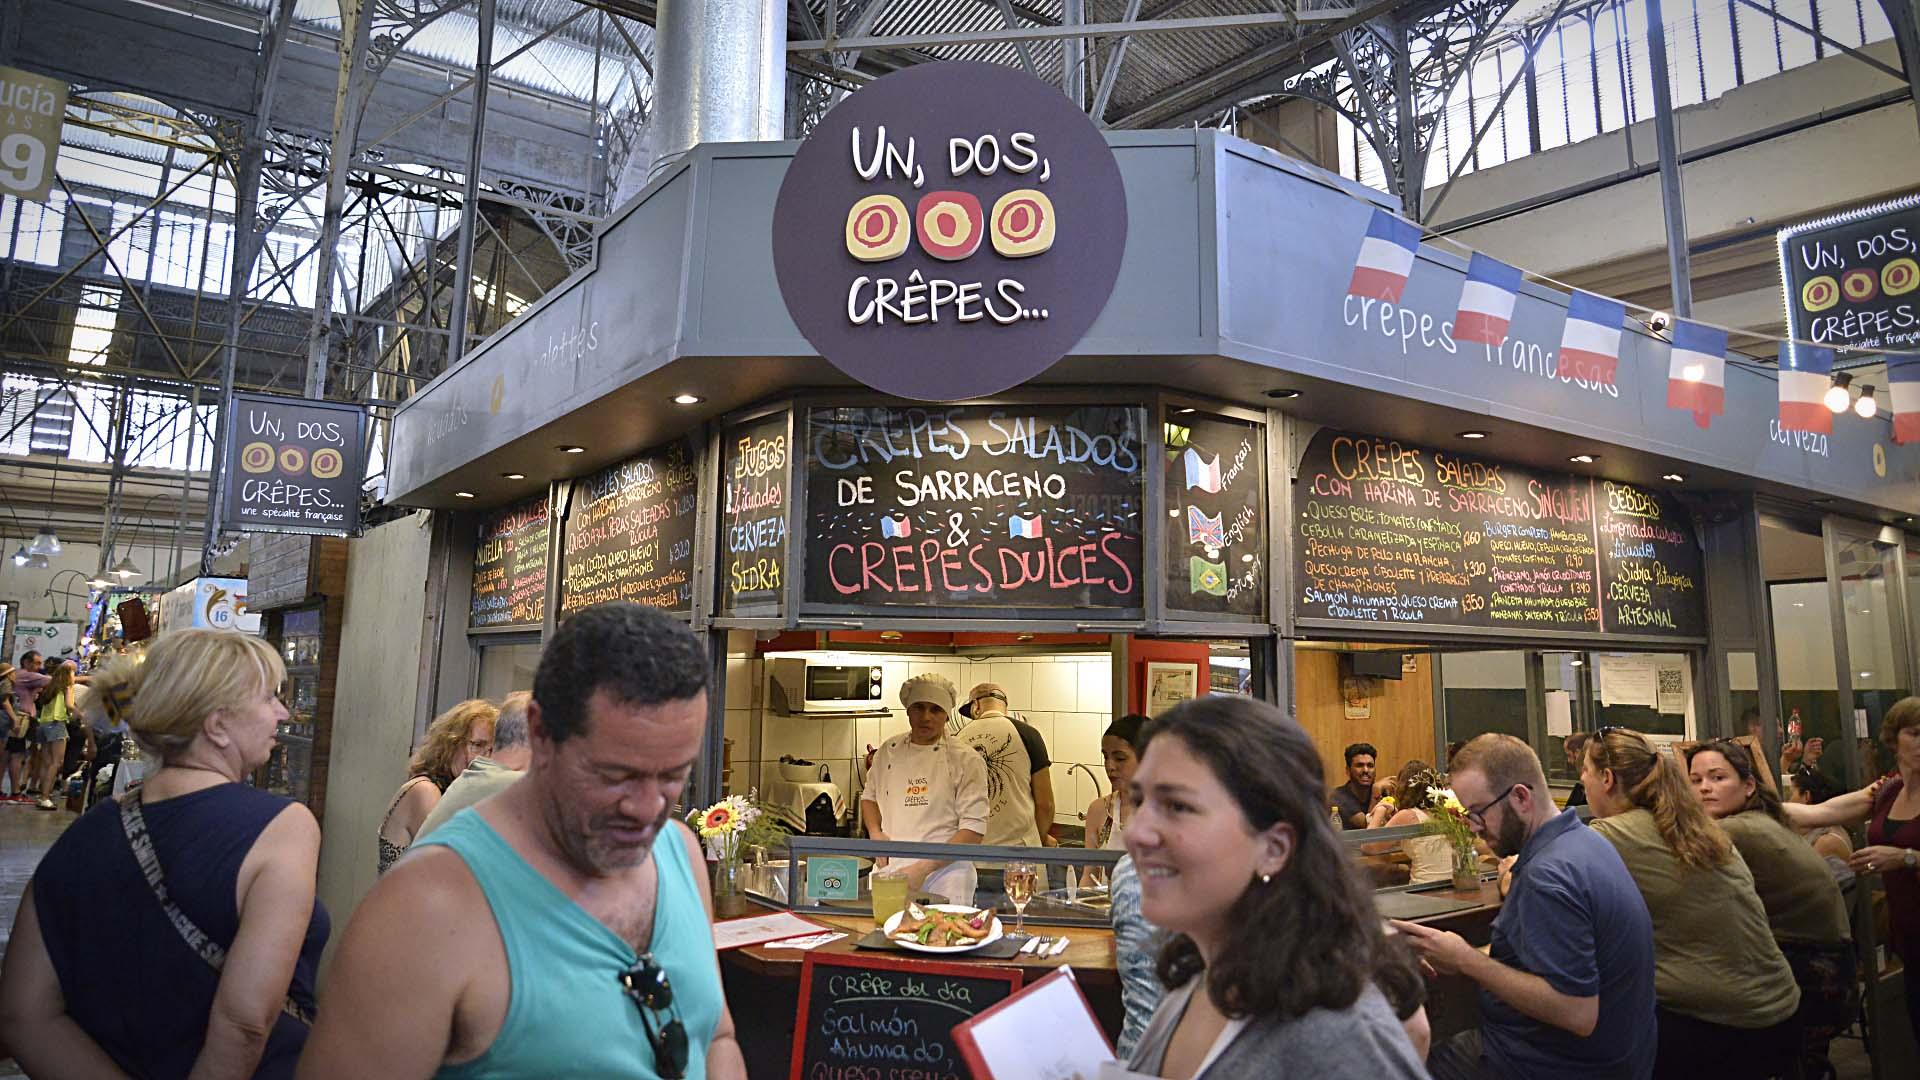 Ubicado en Bolivar 970, el Mercado de San Telmo es una expresión de la gastronomía porteña que combina diferentes estilos y gustos, entre ellos, la primera crepería francesa: Un, Dos, Crêpes